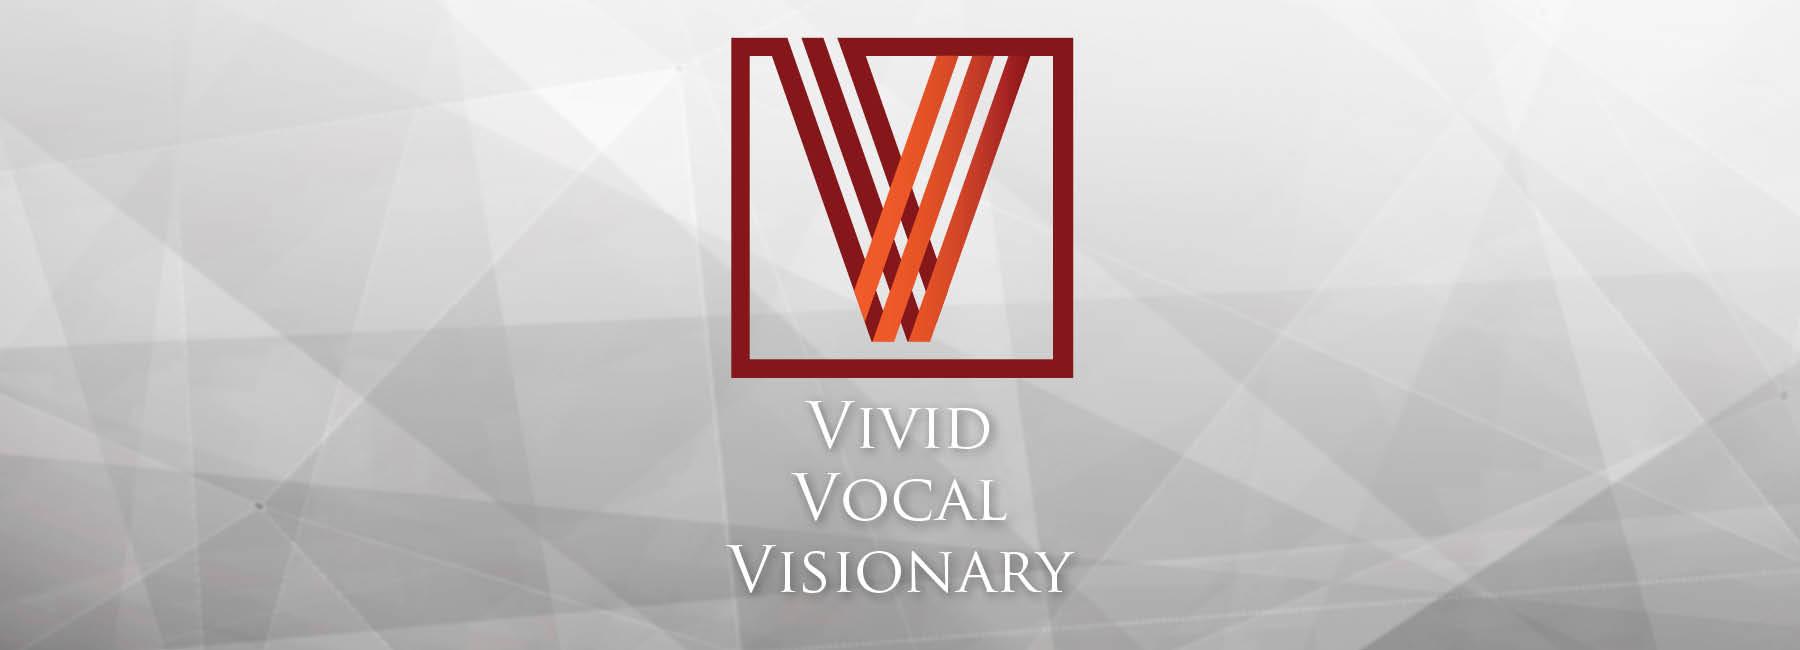 v3-event-hd.jpg